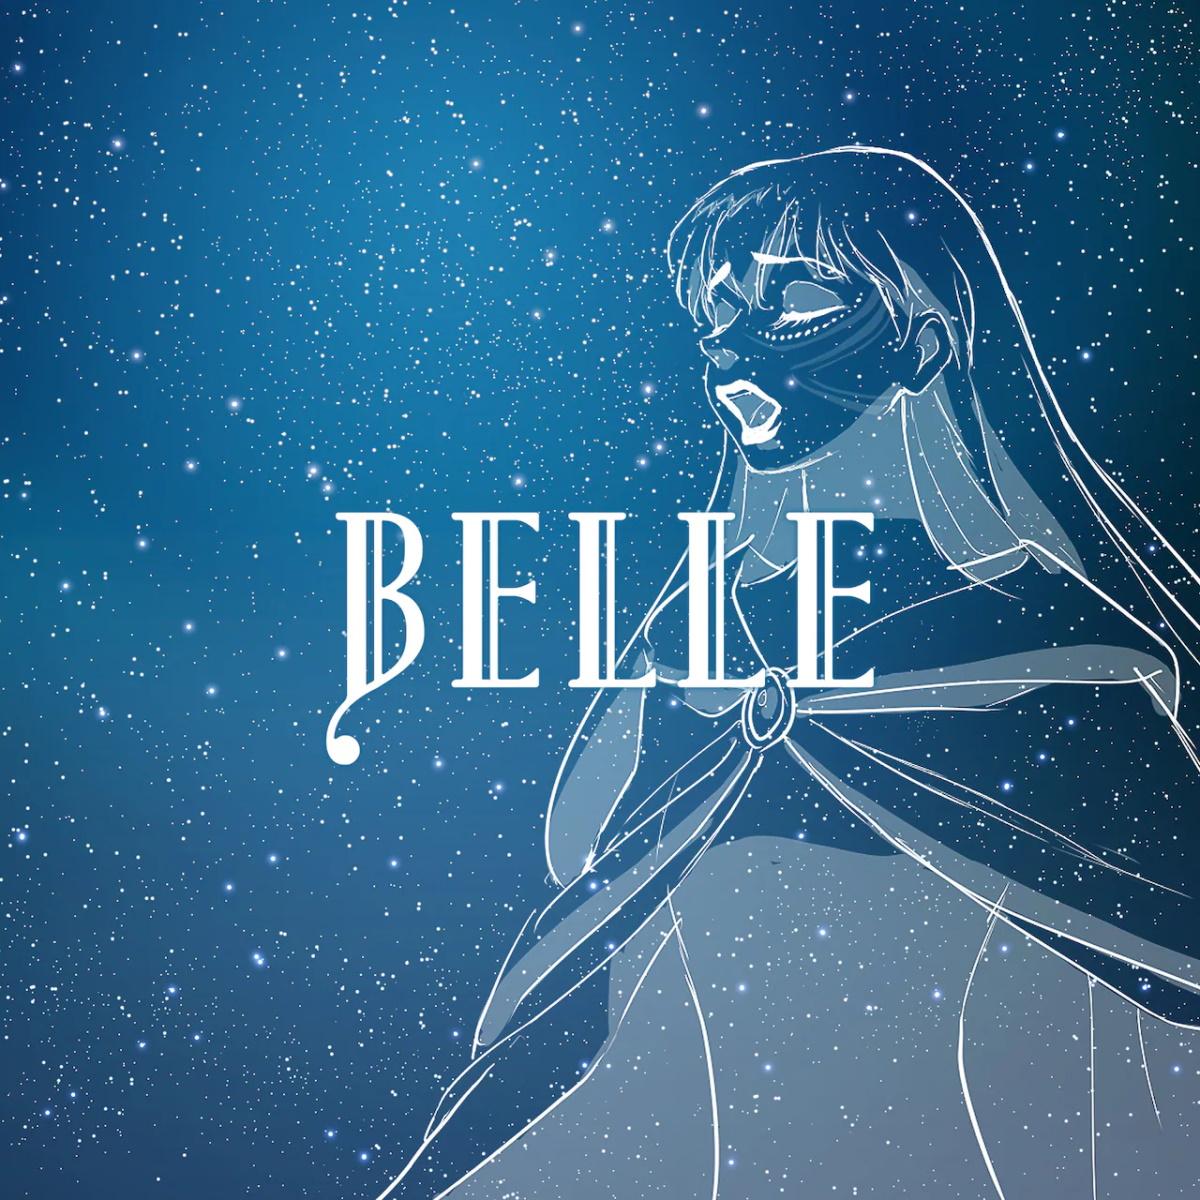 『Belle - 心のそばに』収録の『心のそばに』ジャケット